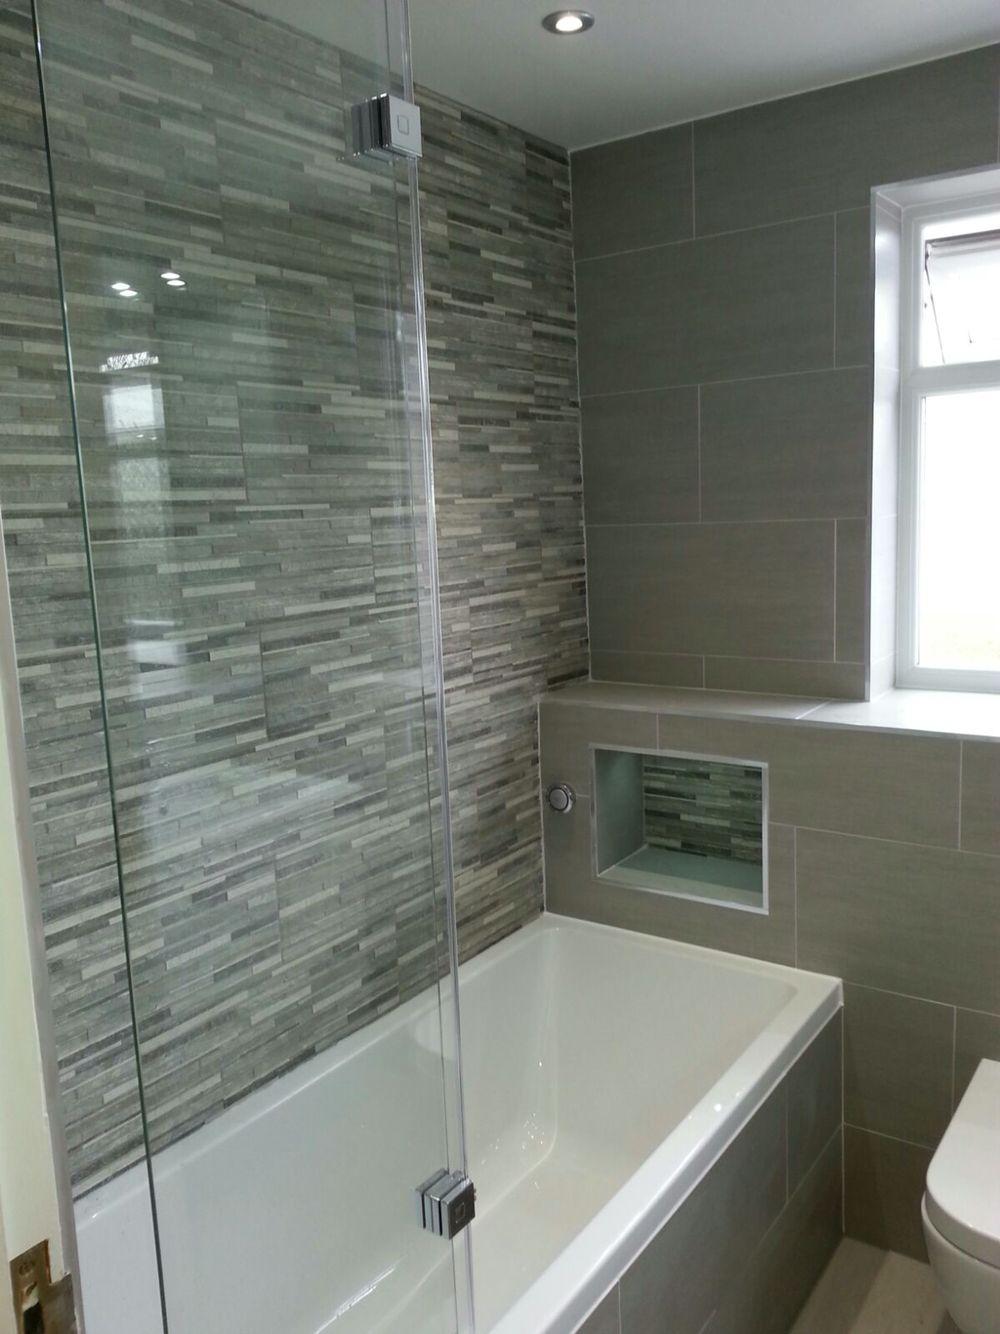 Bathroom Feature Wall Tiles Wall Hung Bathroom Feature Wall Small Bathroom Remodel Bathroom Interior